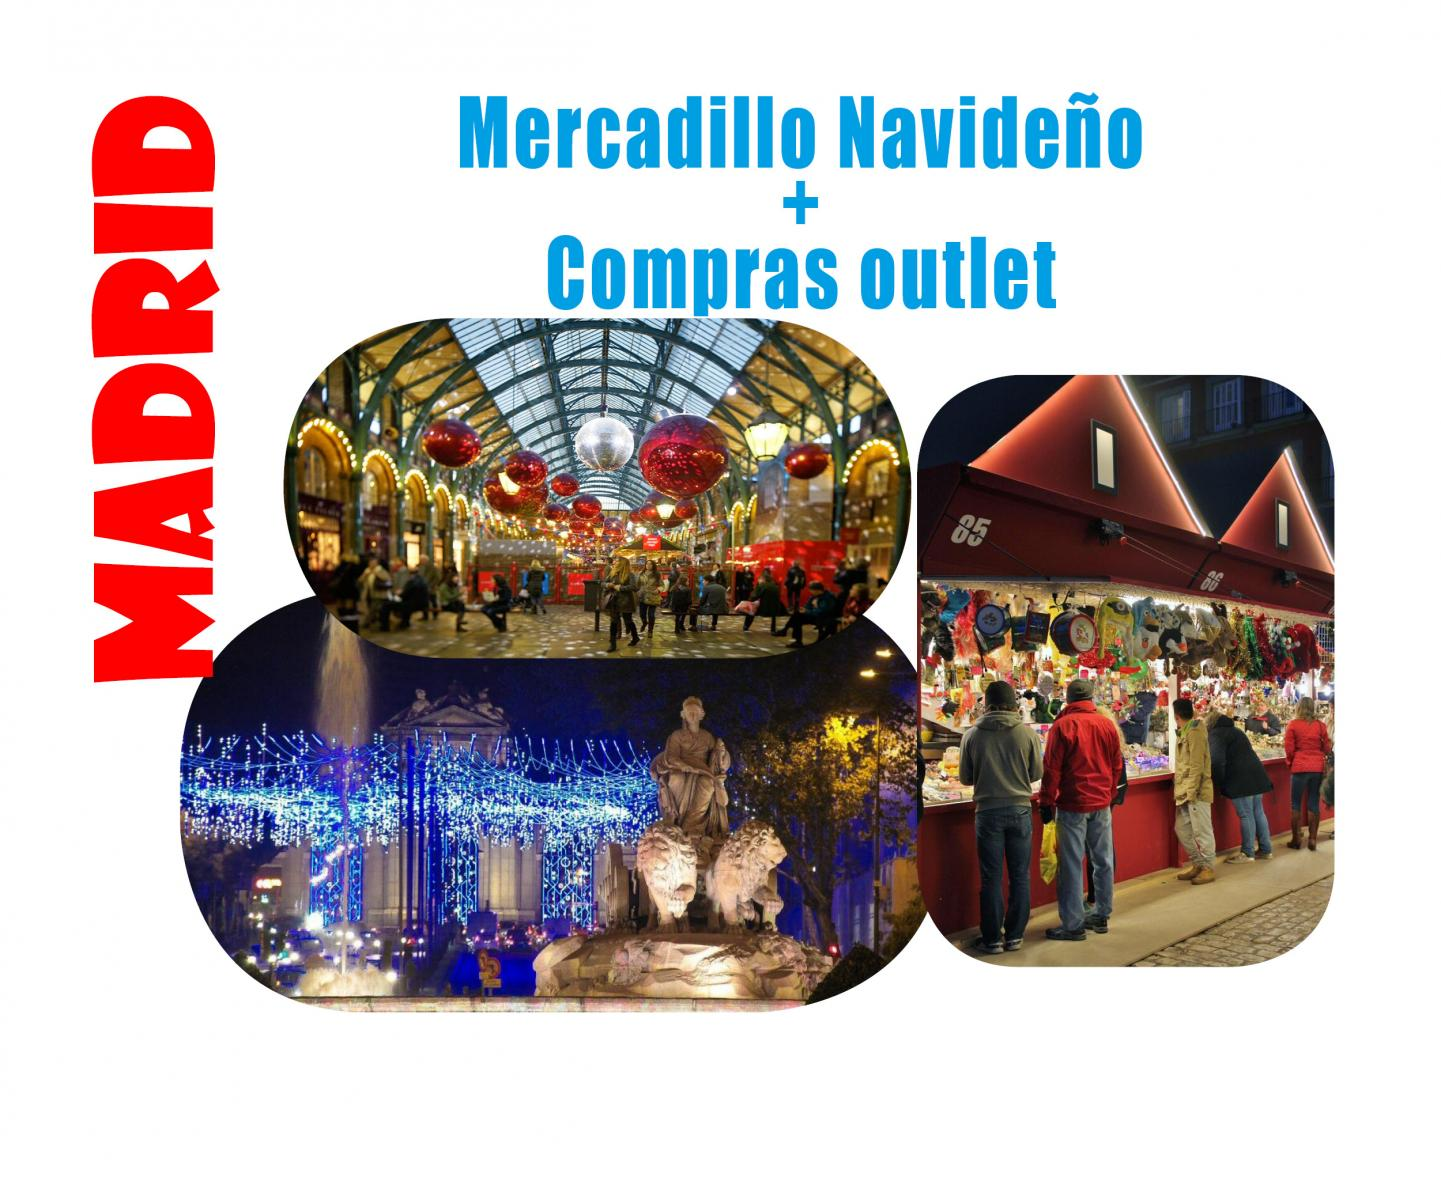 Mercadillo Navideño + Compras outlet#15 Diciembre#SET